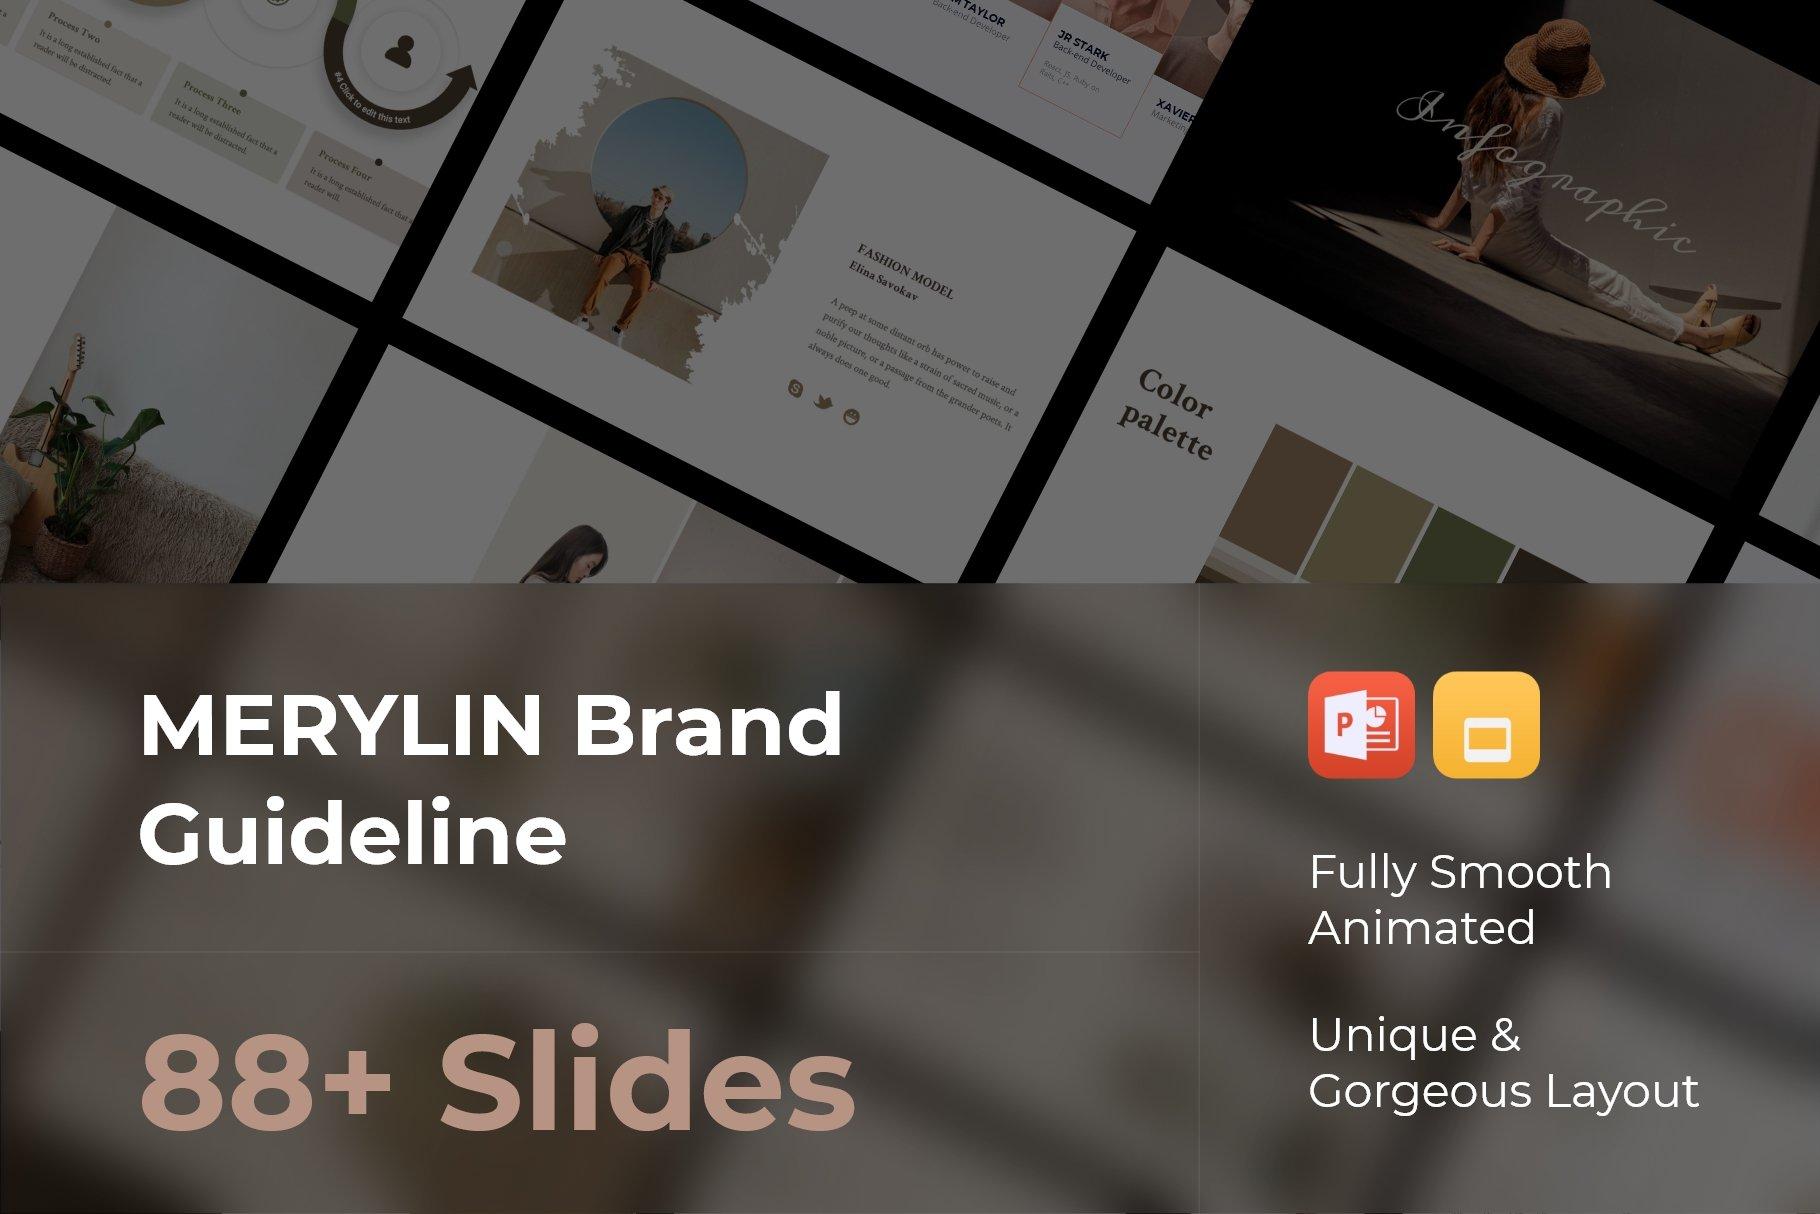 Merylin - Brand Guidelines.